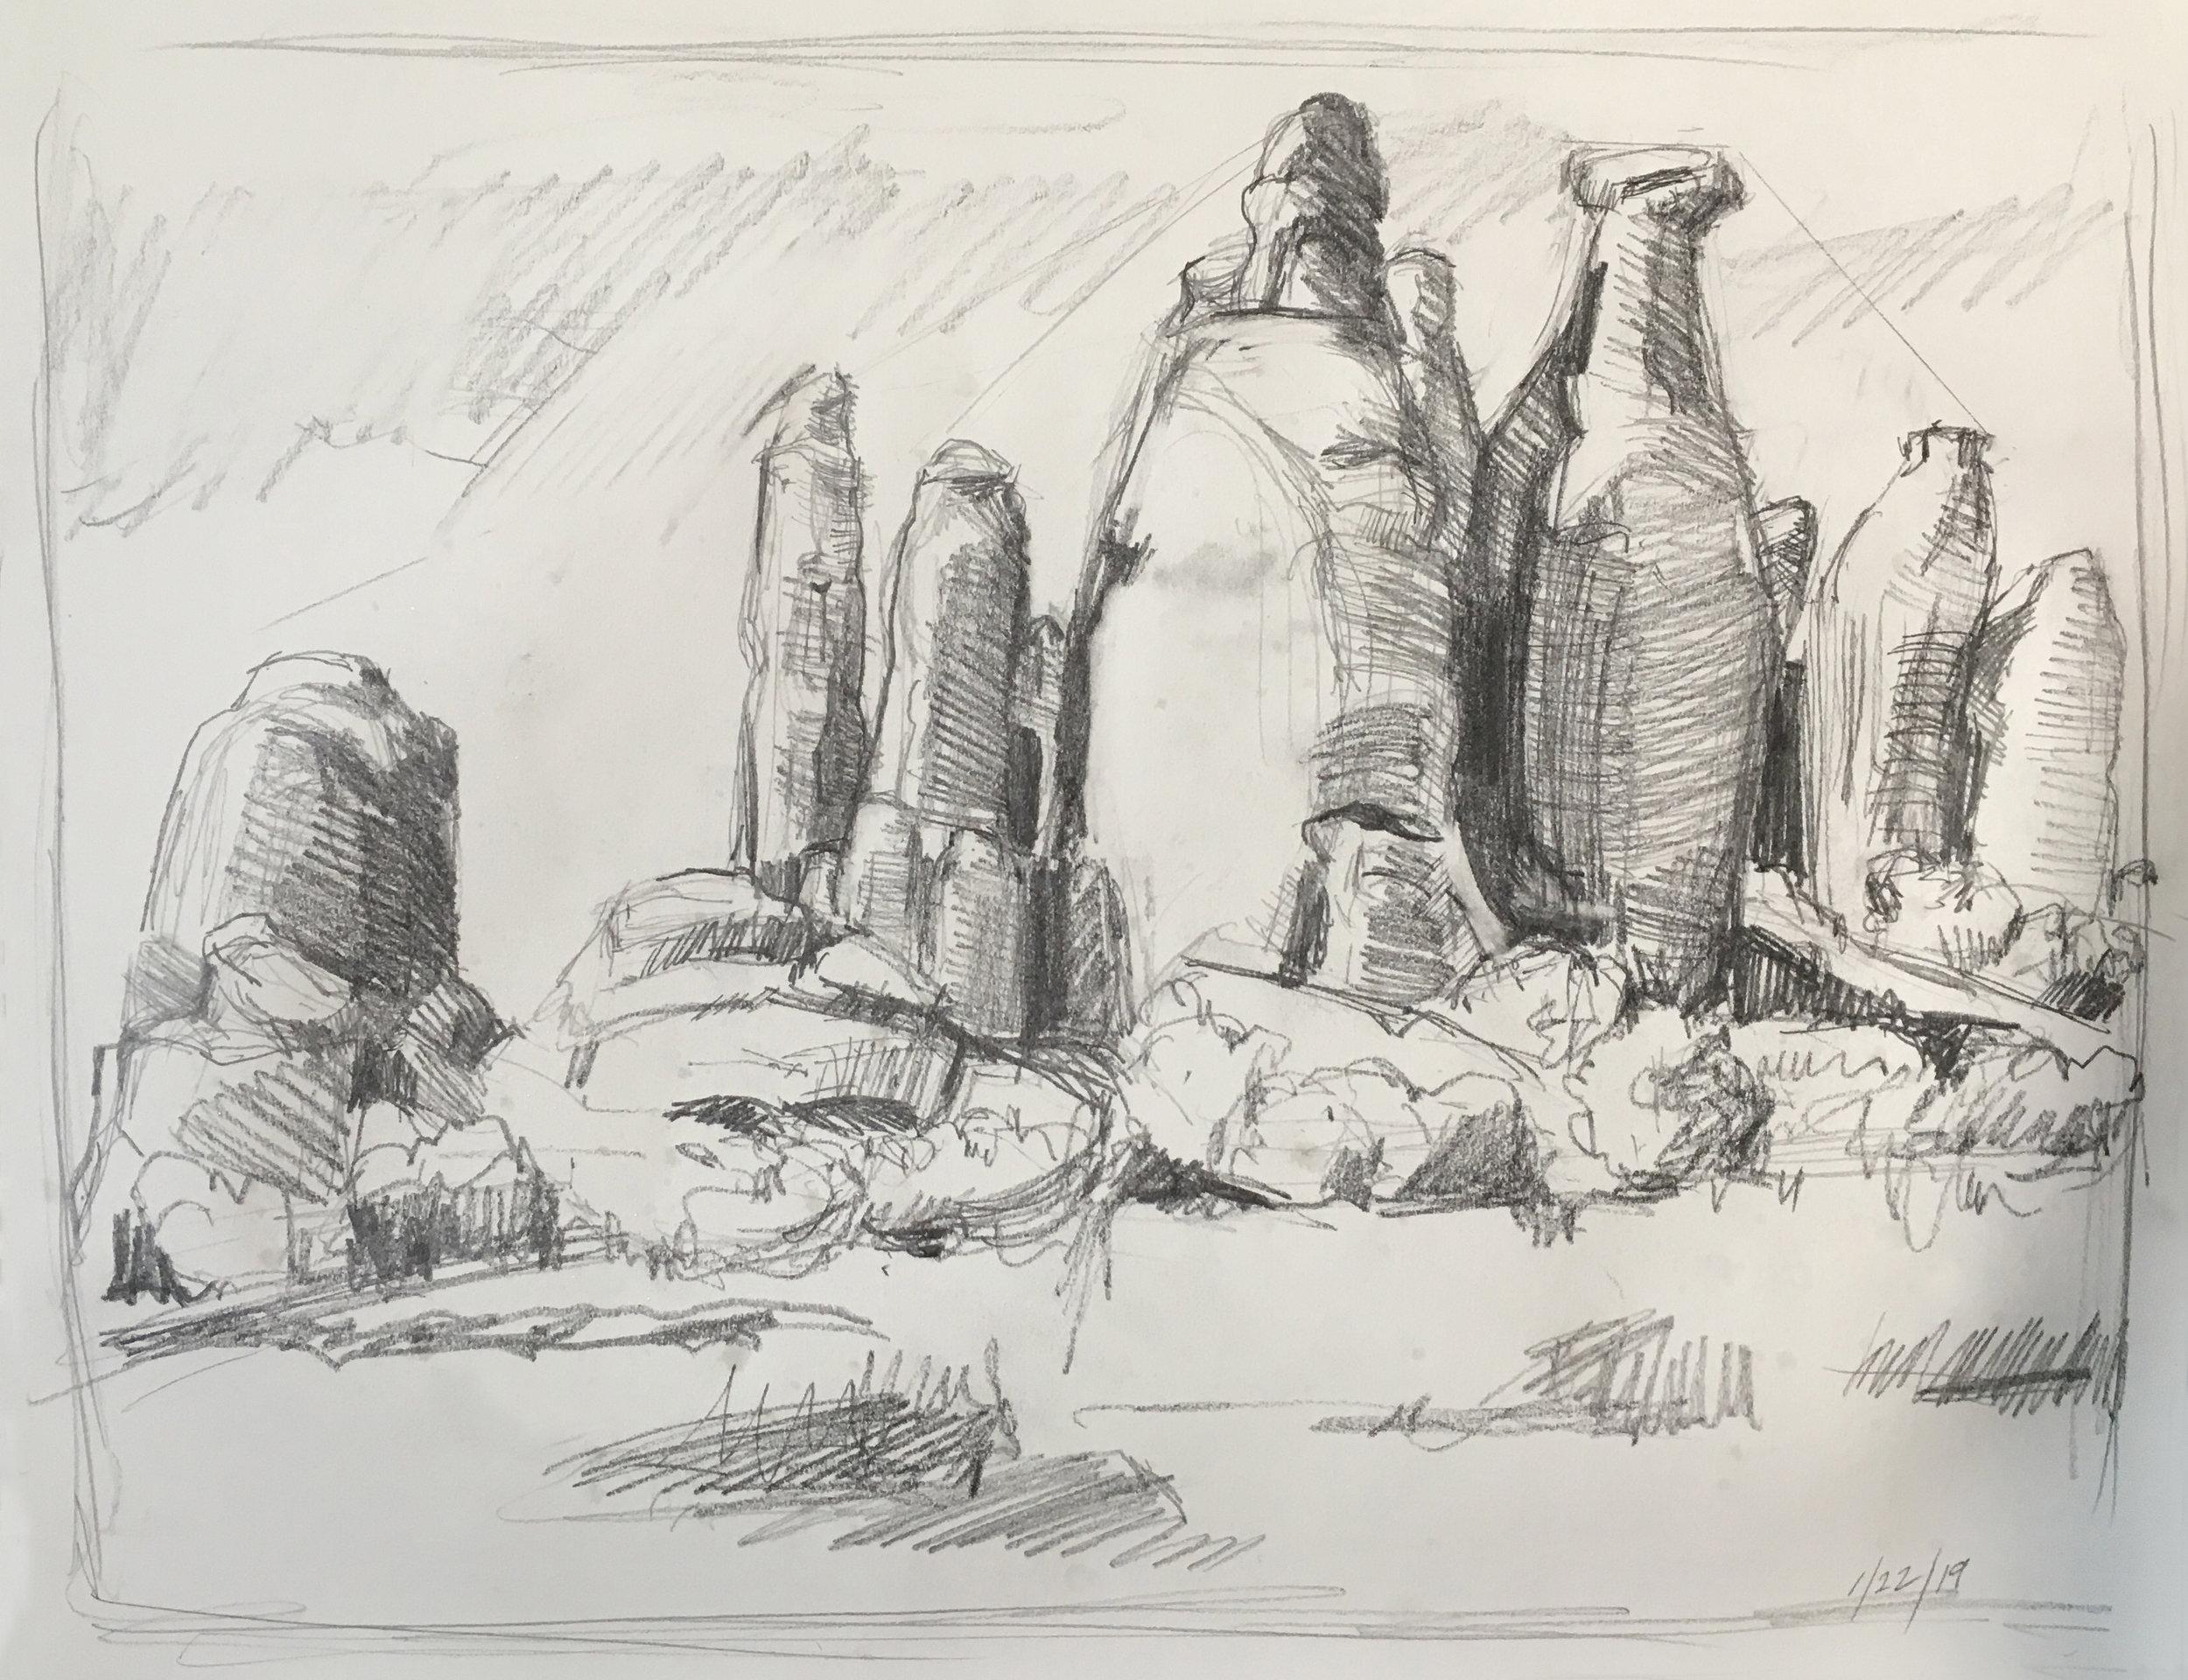 Arches Sketch, 11 x 14 in.,  graphite, 2019